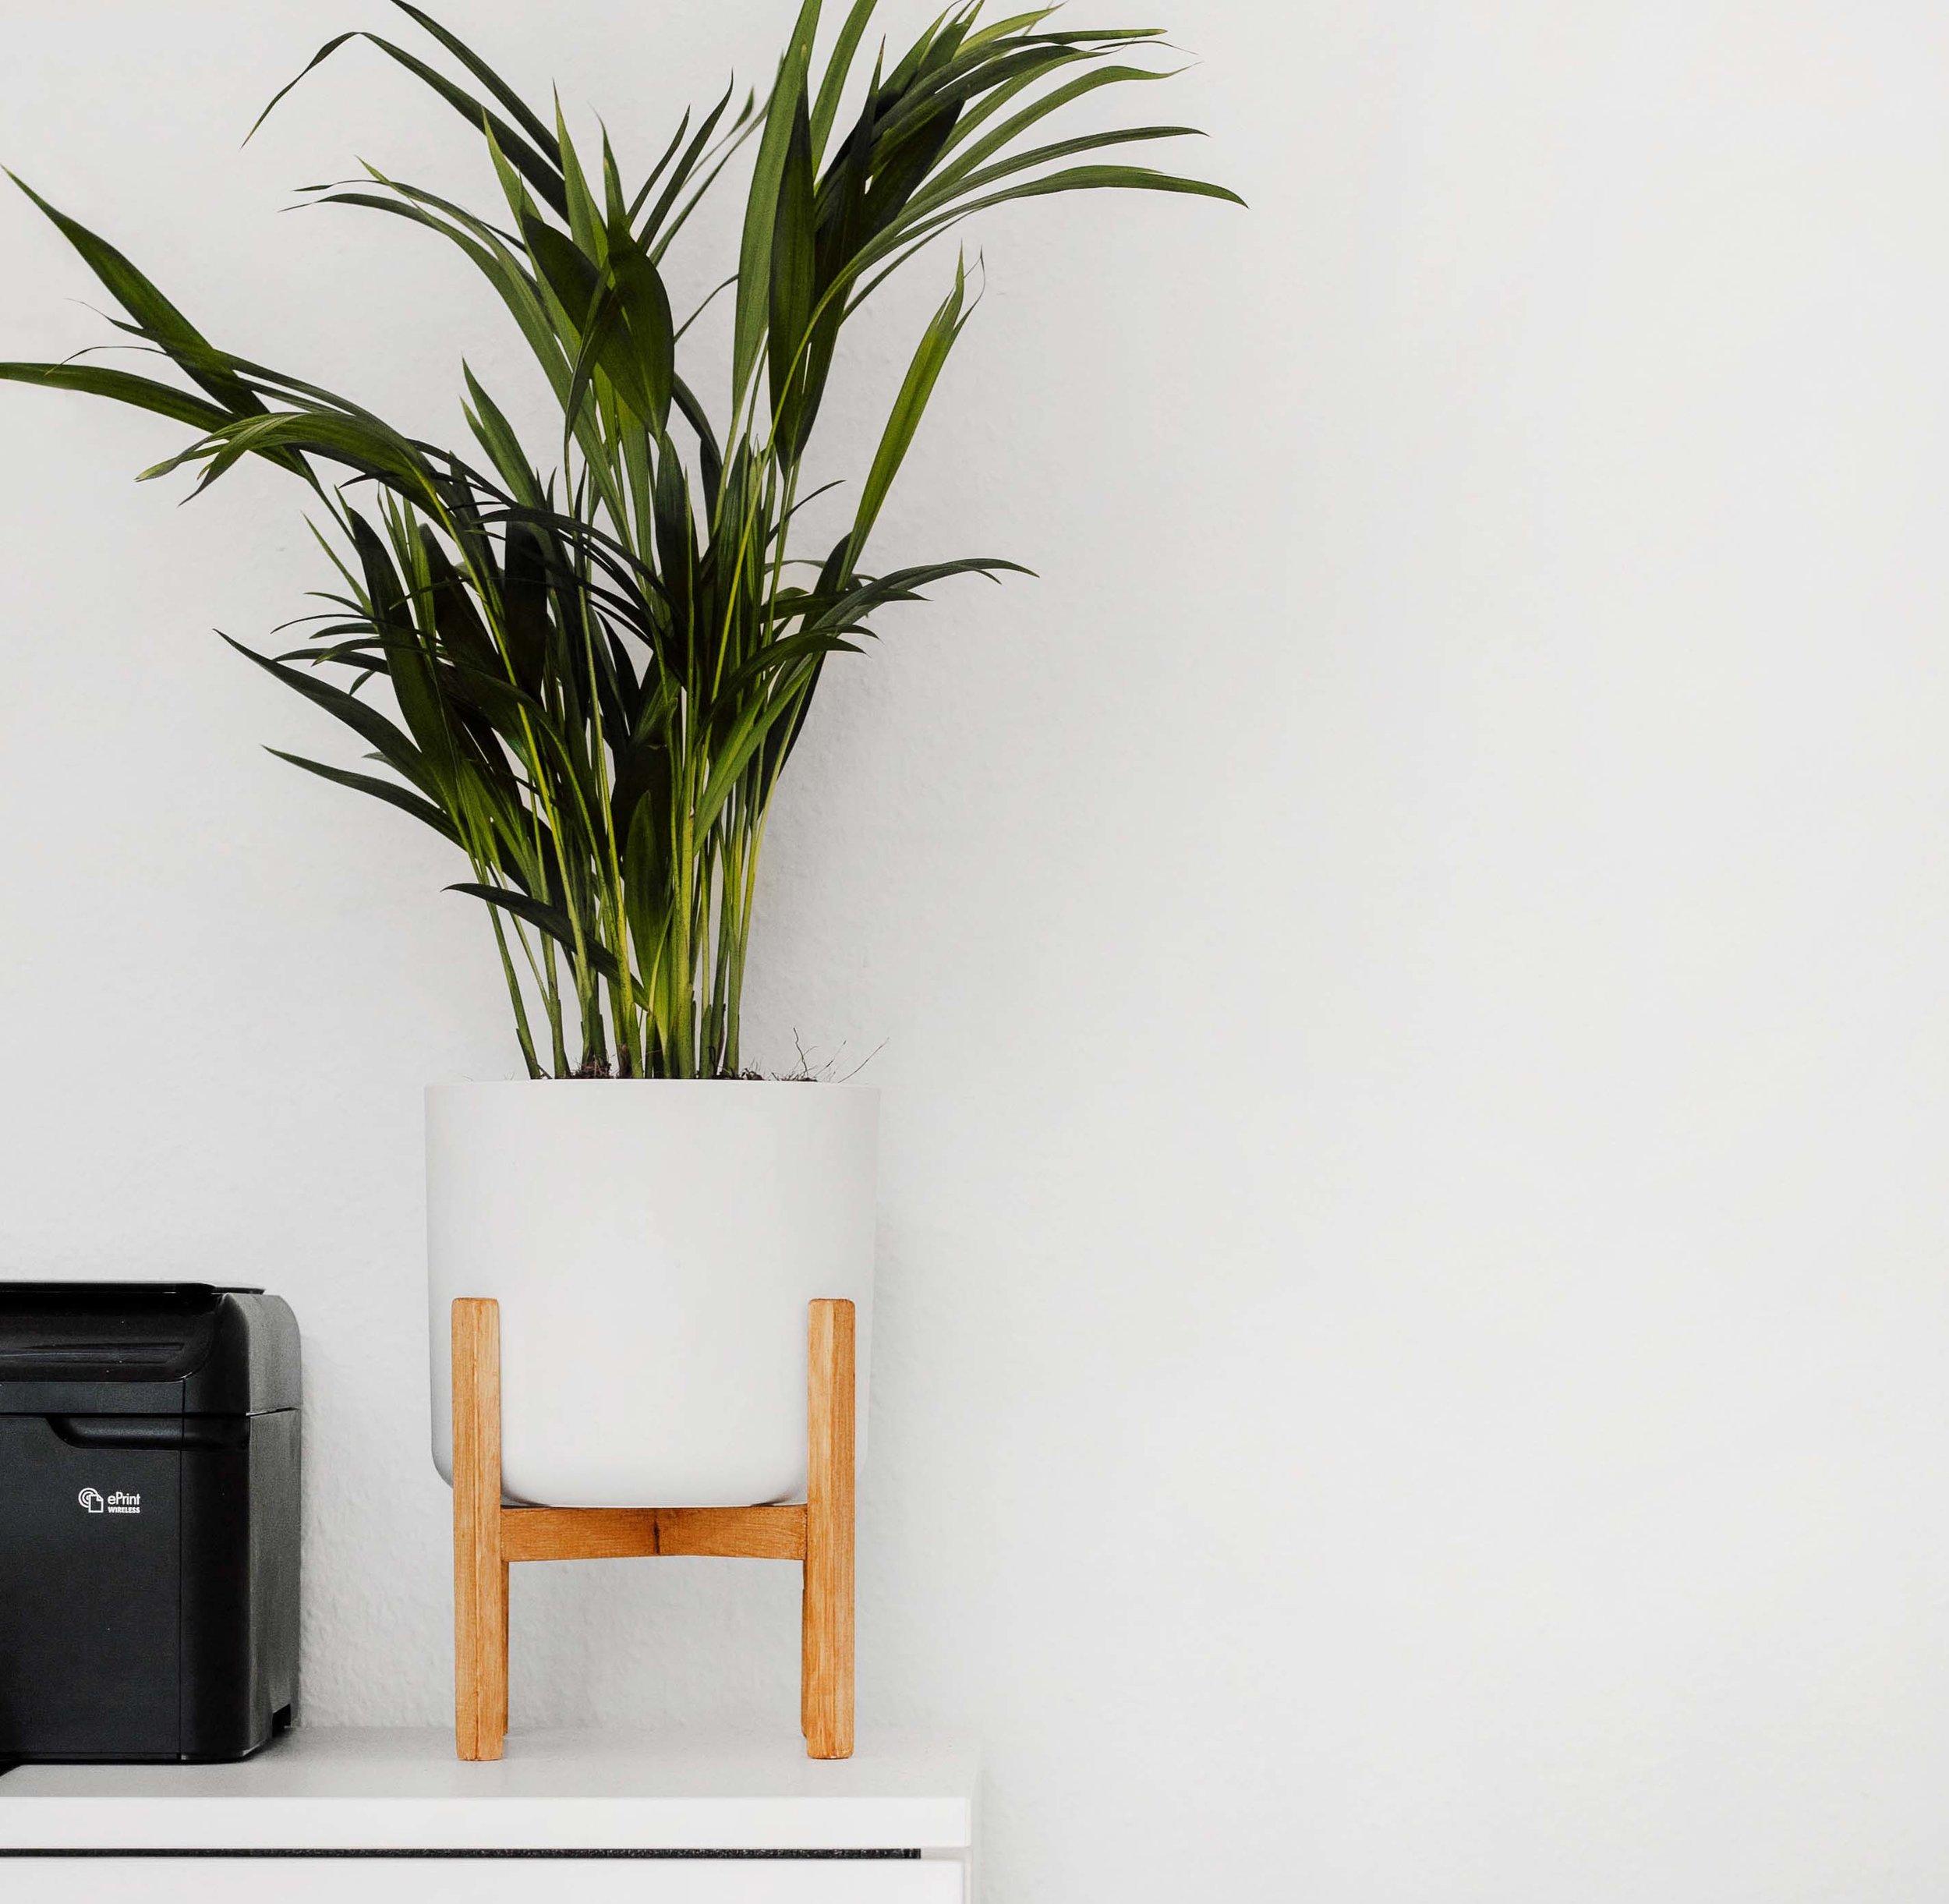 ASSESSORAMENT - Aquest és el servei que necessites si el que vols és dotar d'un aire diferent el teu habitatge sense necessitat d'obres. Nosaltres t'aportem les idees i una bona dosis de bon gust per ressaltar els punts forts de casa teva a través del mobiliari, la il·luminació, els colors, les textures i els materials que més s'adaptin al teu estil.